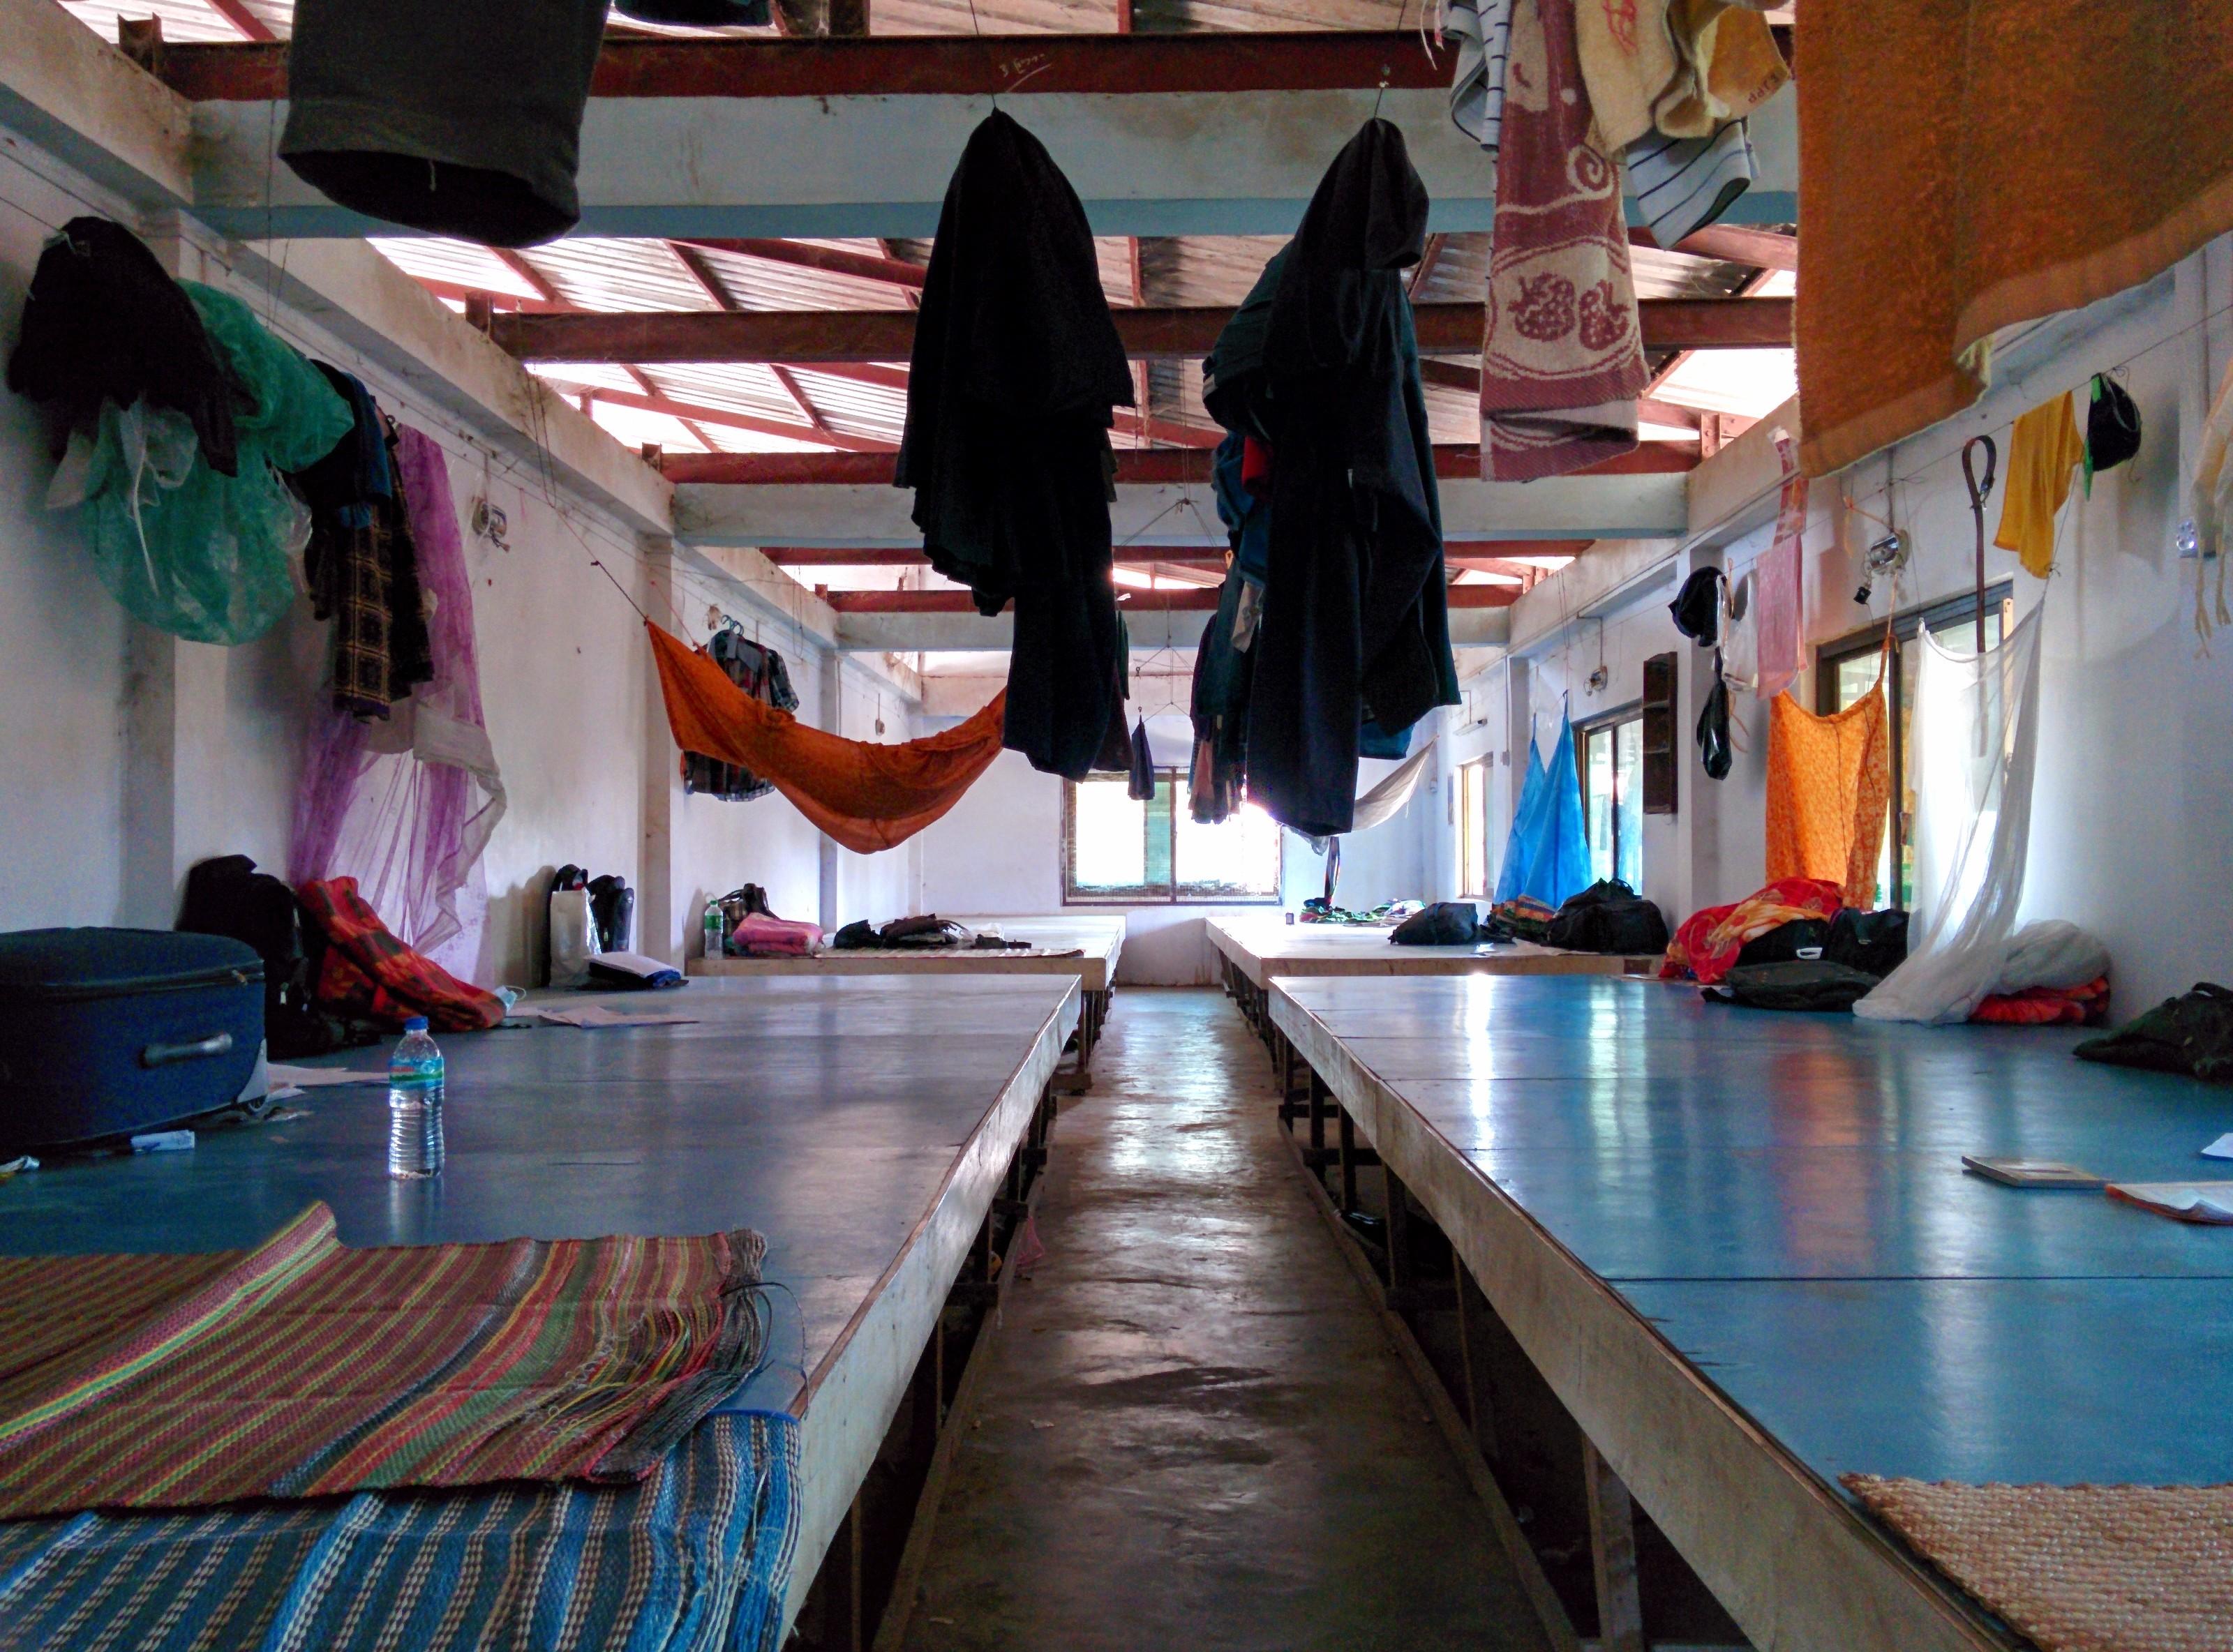 トレーニングセンター宿泊施設